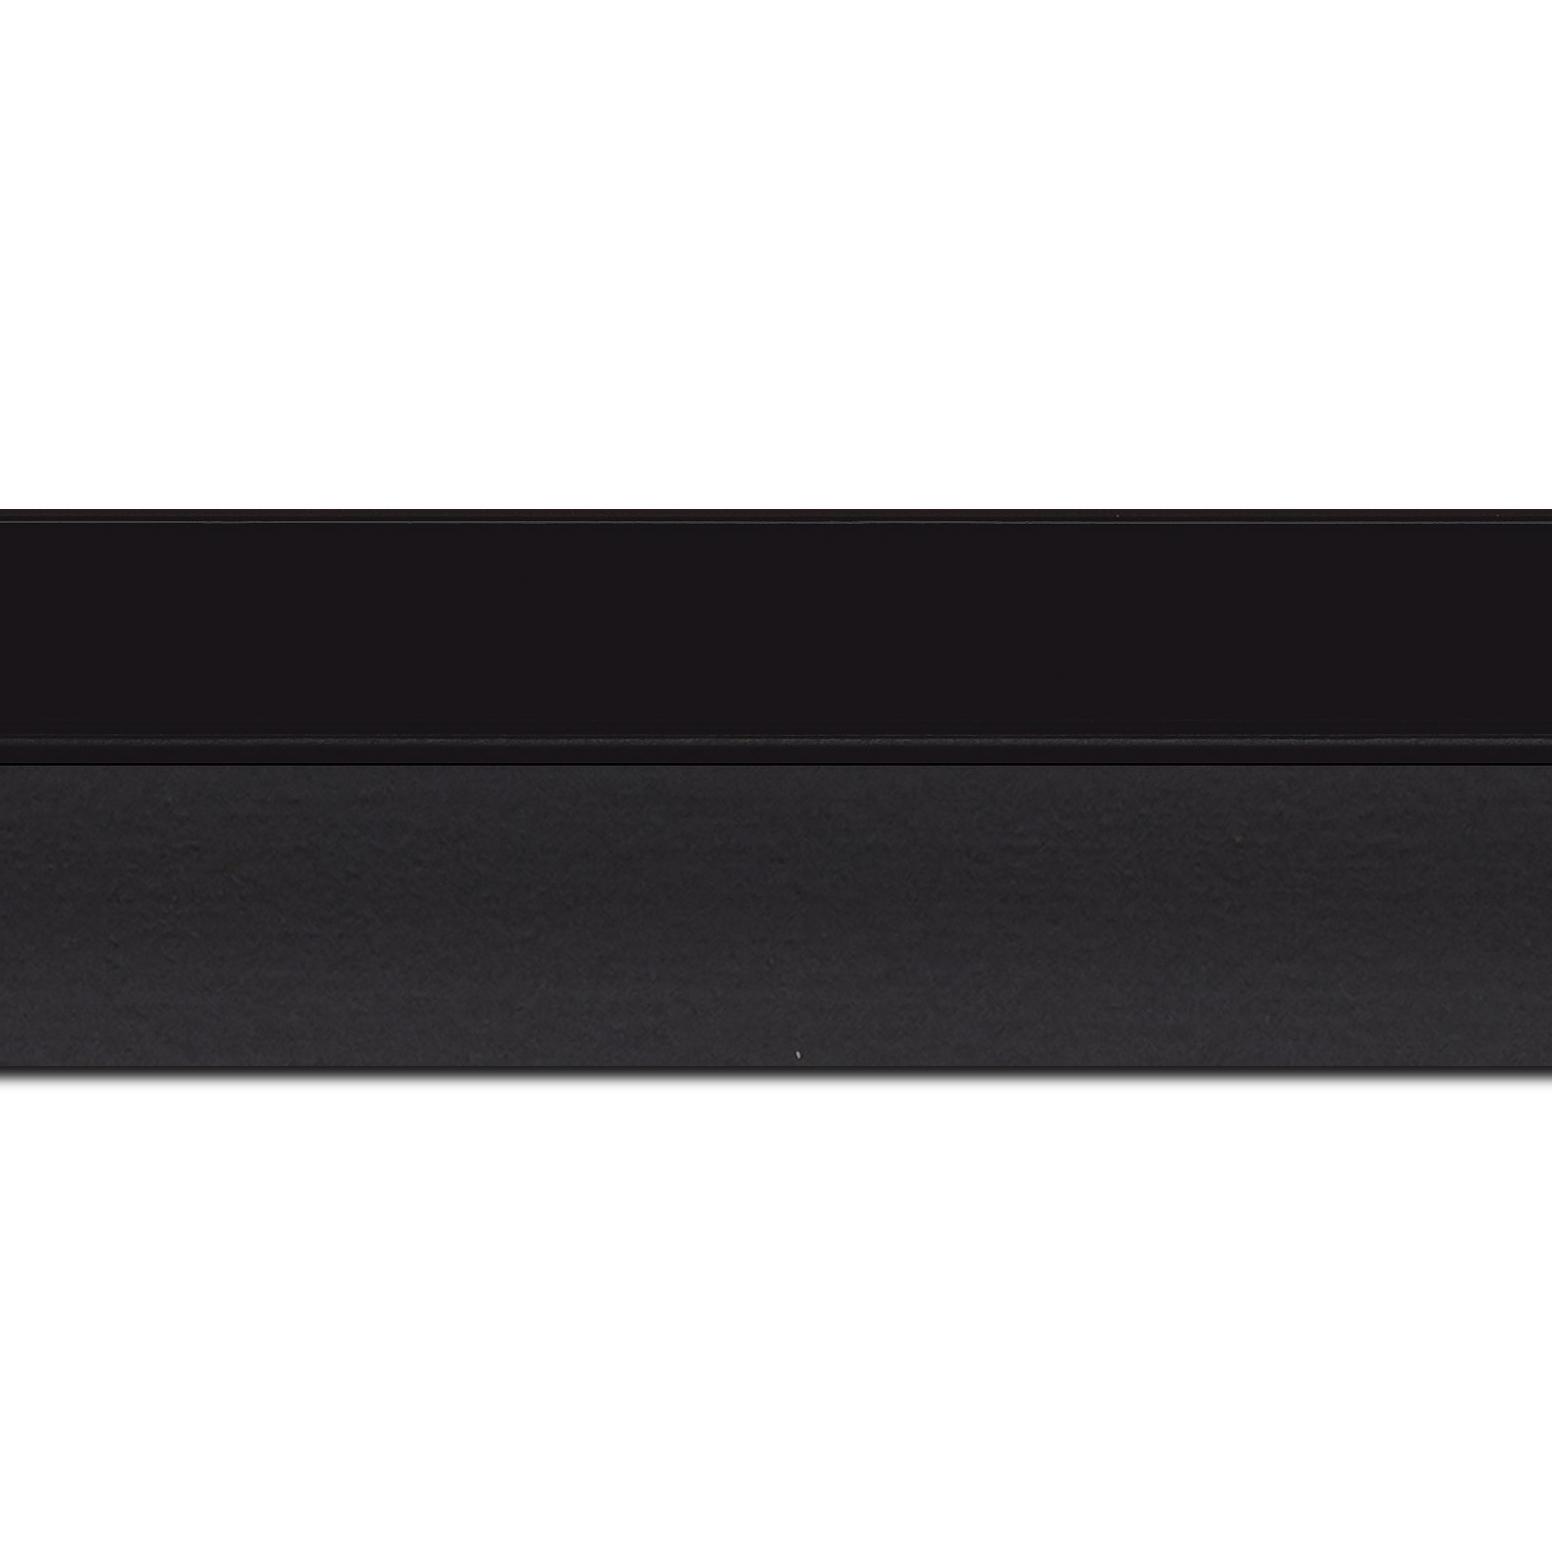 Baguette longueur 1.40m bois caisse américaine profil en l (flottante) largeur 4.5cm noir mat finition pore bouché plat extérieur largeur 2cm qualitÉ galerie (spécialement conçu pour les châssis d'une épaisseur jusqu'à 3cm ) information complémentaire : il faut renseigner la dimension précise de votre sujet  et l'espace intérieur entre la toile et le cadre sera de 2cm